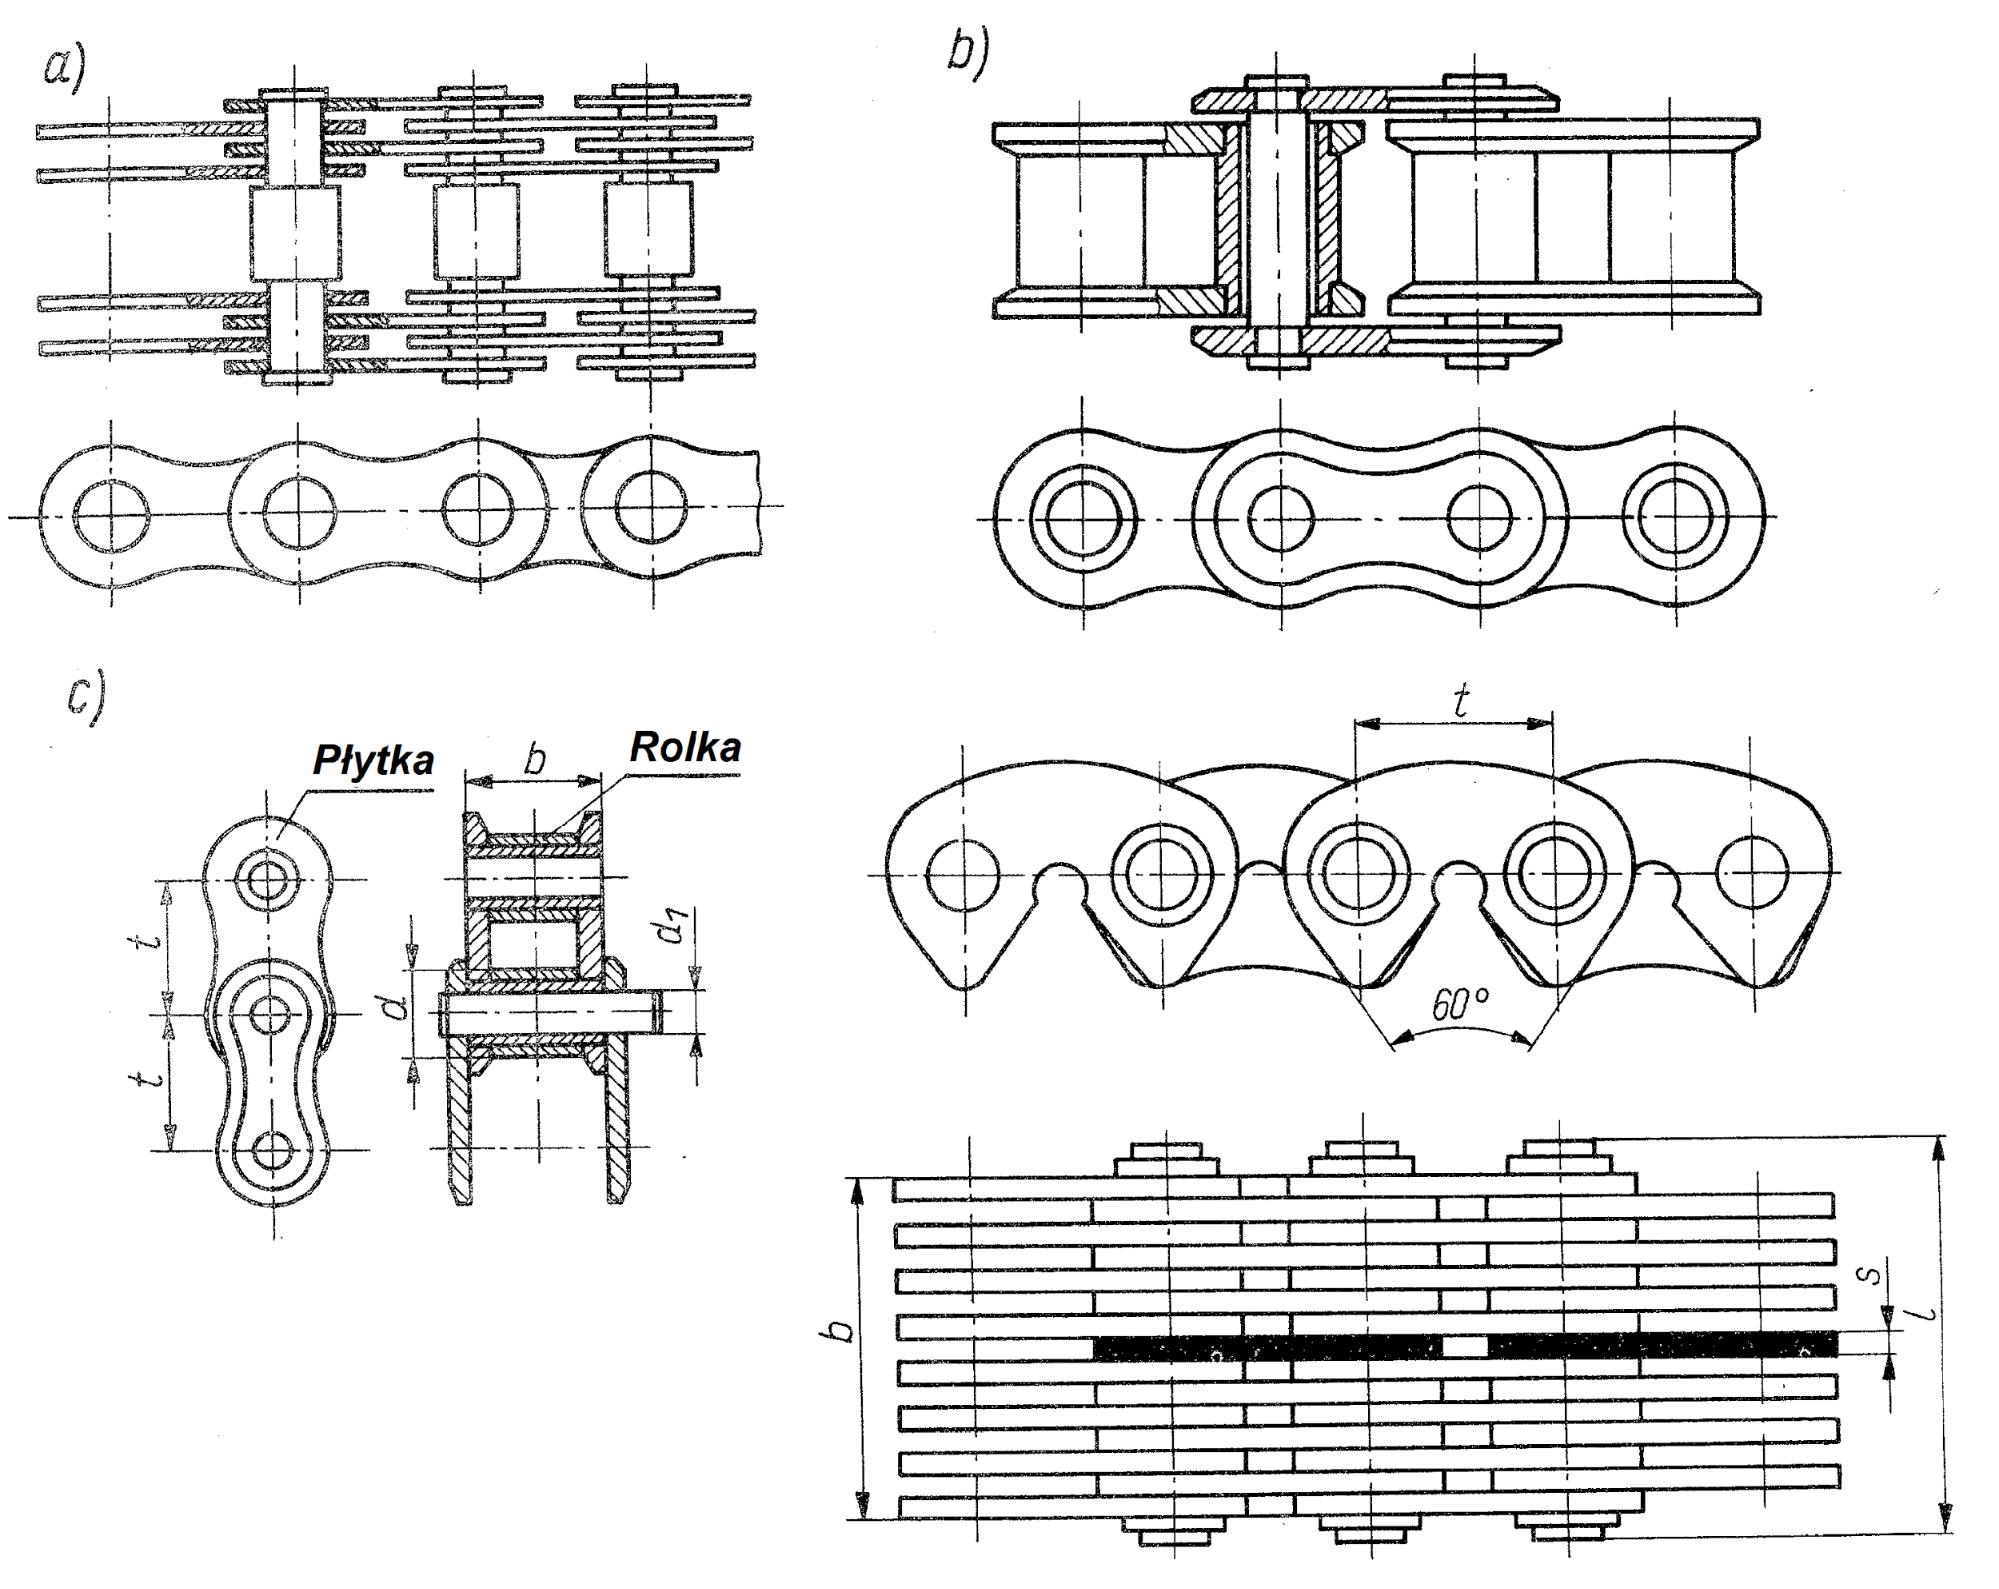 Łańcuchy: a) sworzniowy, b) tulejkowy, c) rolkowy, d) zębaty